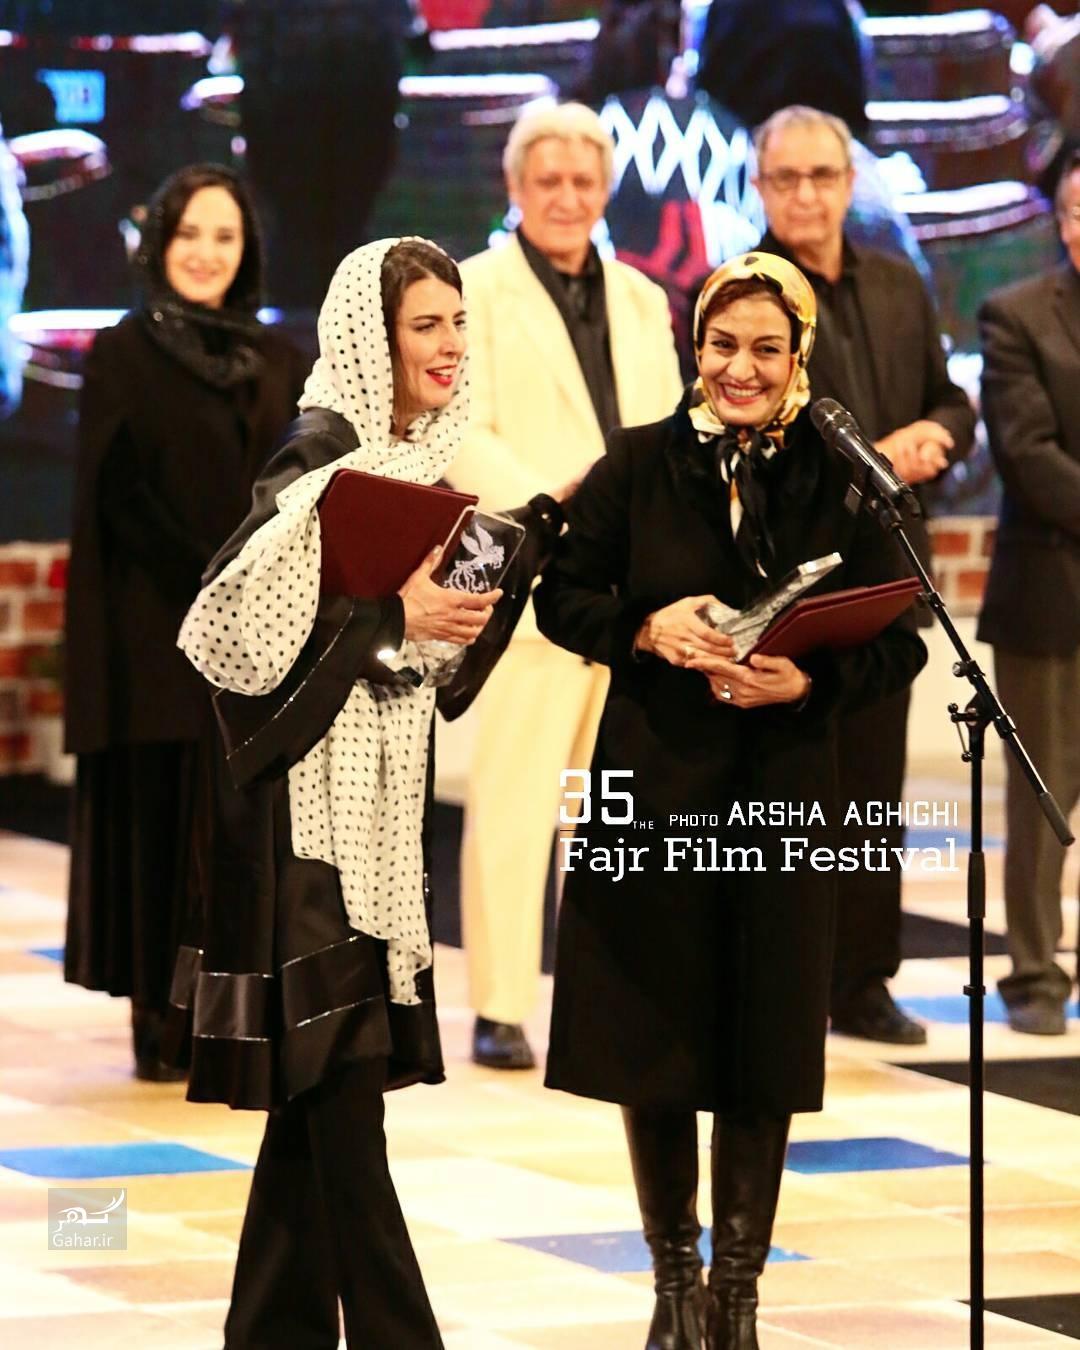 1486759289 برگزیدگان سی و پنجمین جشنواره فیلم فجر ؛ عکس